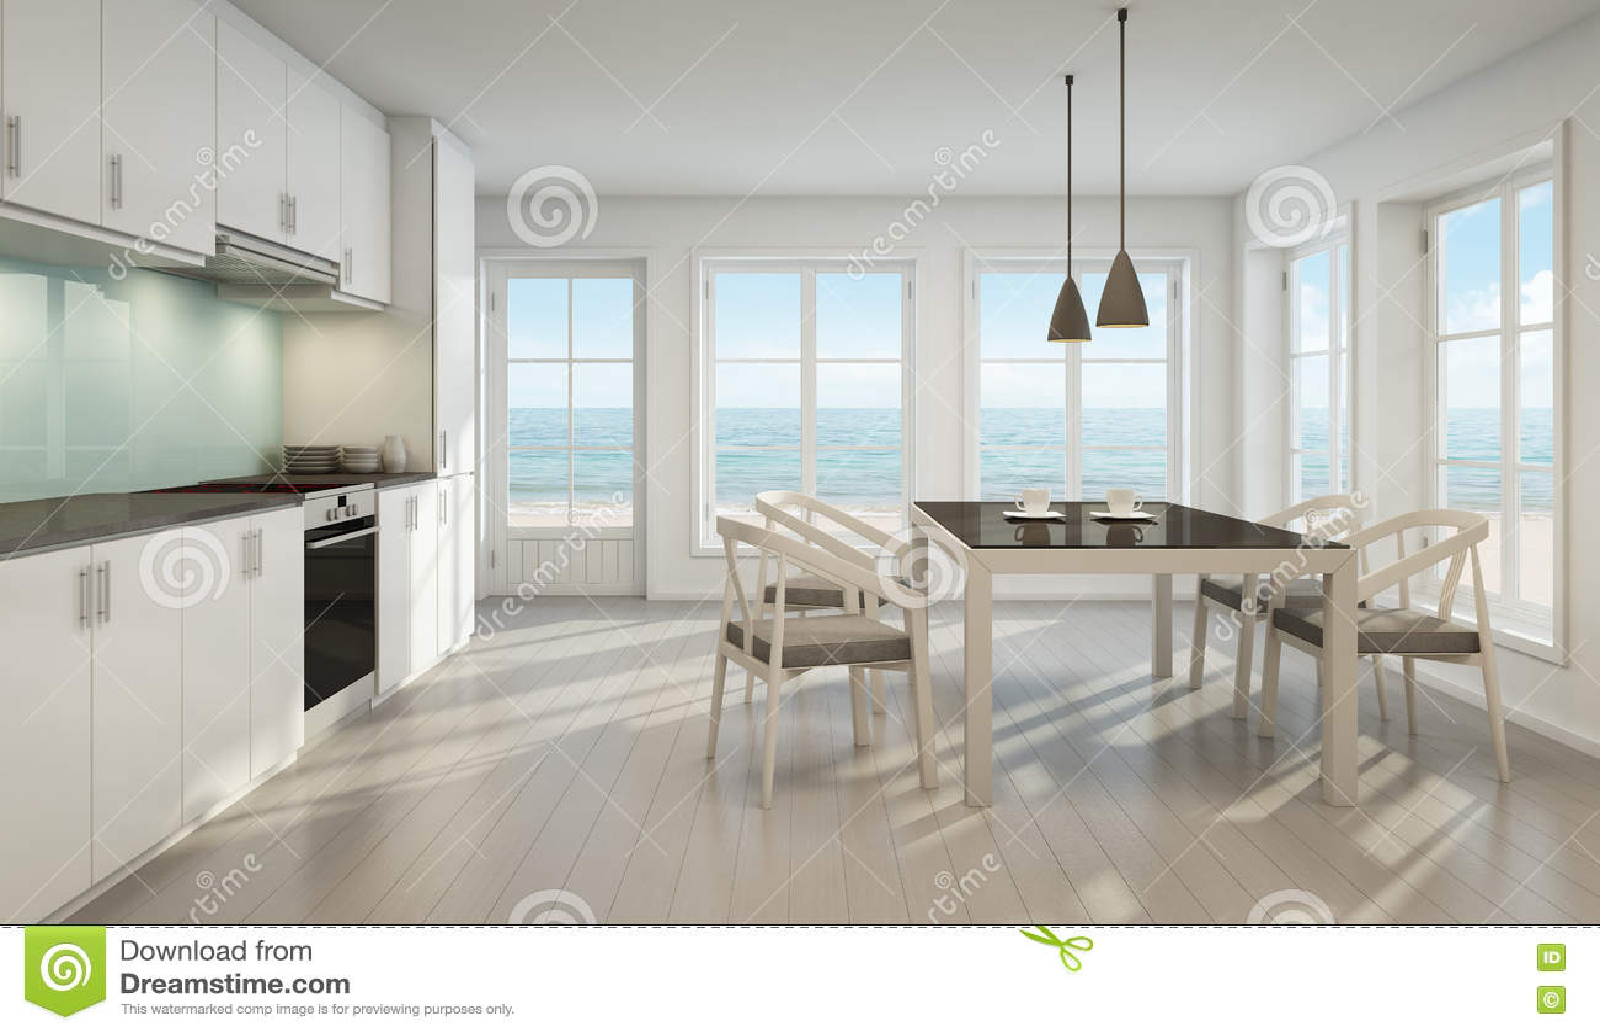 Schön Strandhaus Küche Bilder Fotos - Ideen Für Die Küche Dekoration ...